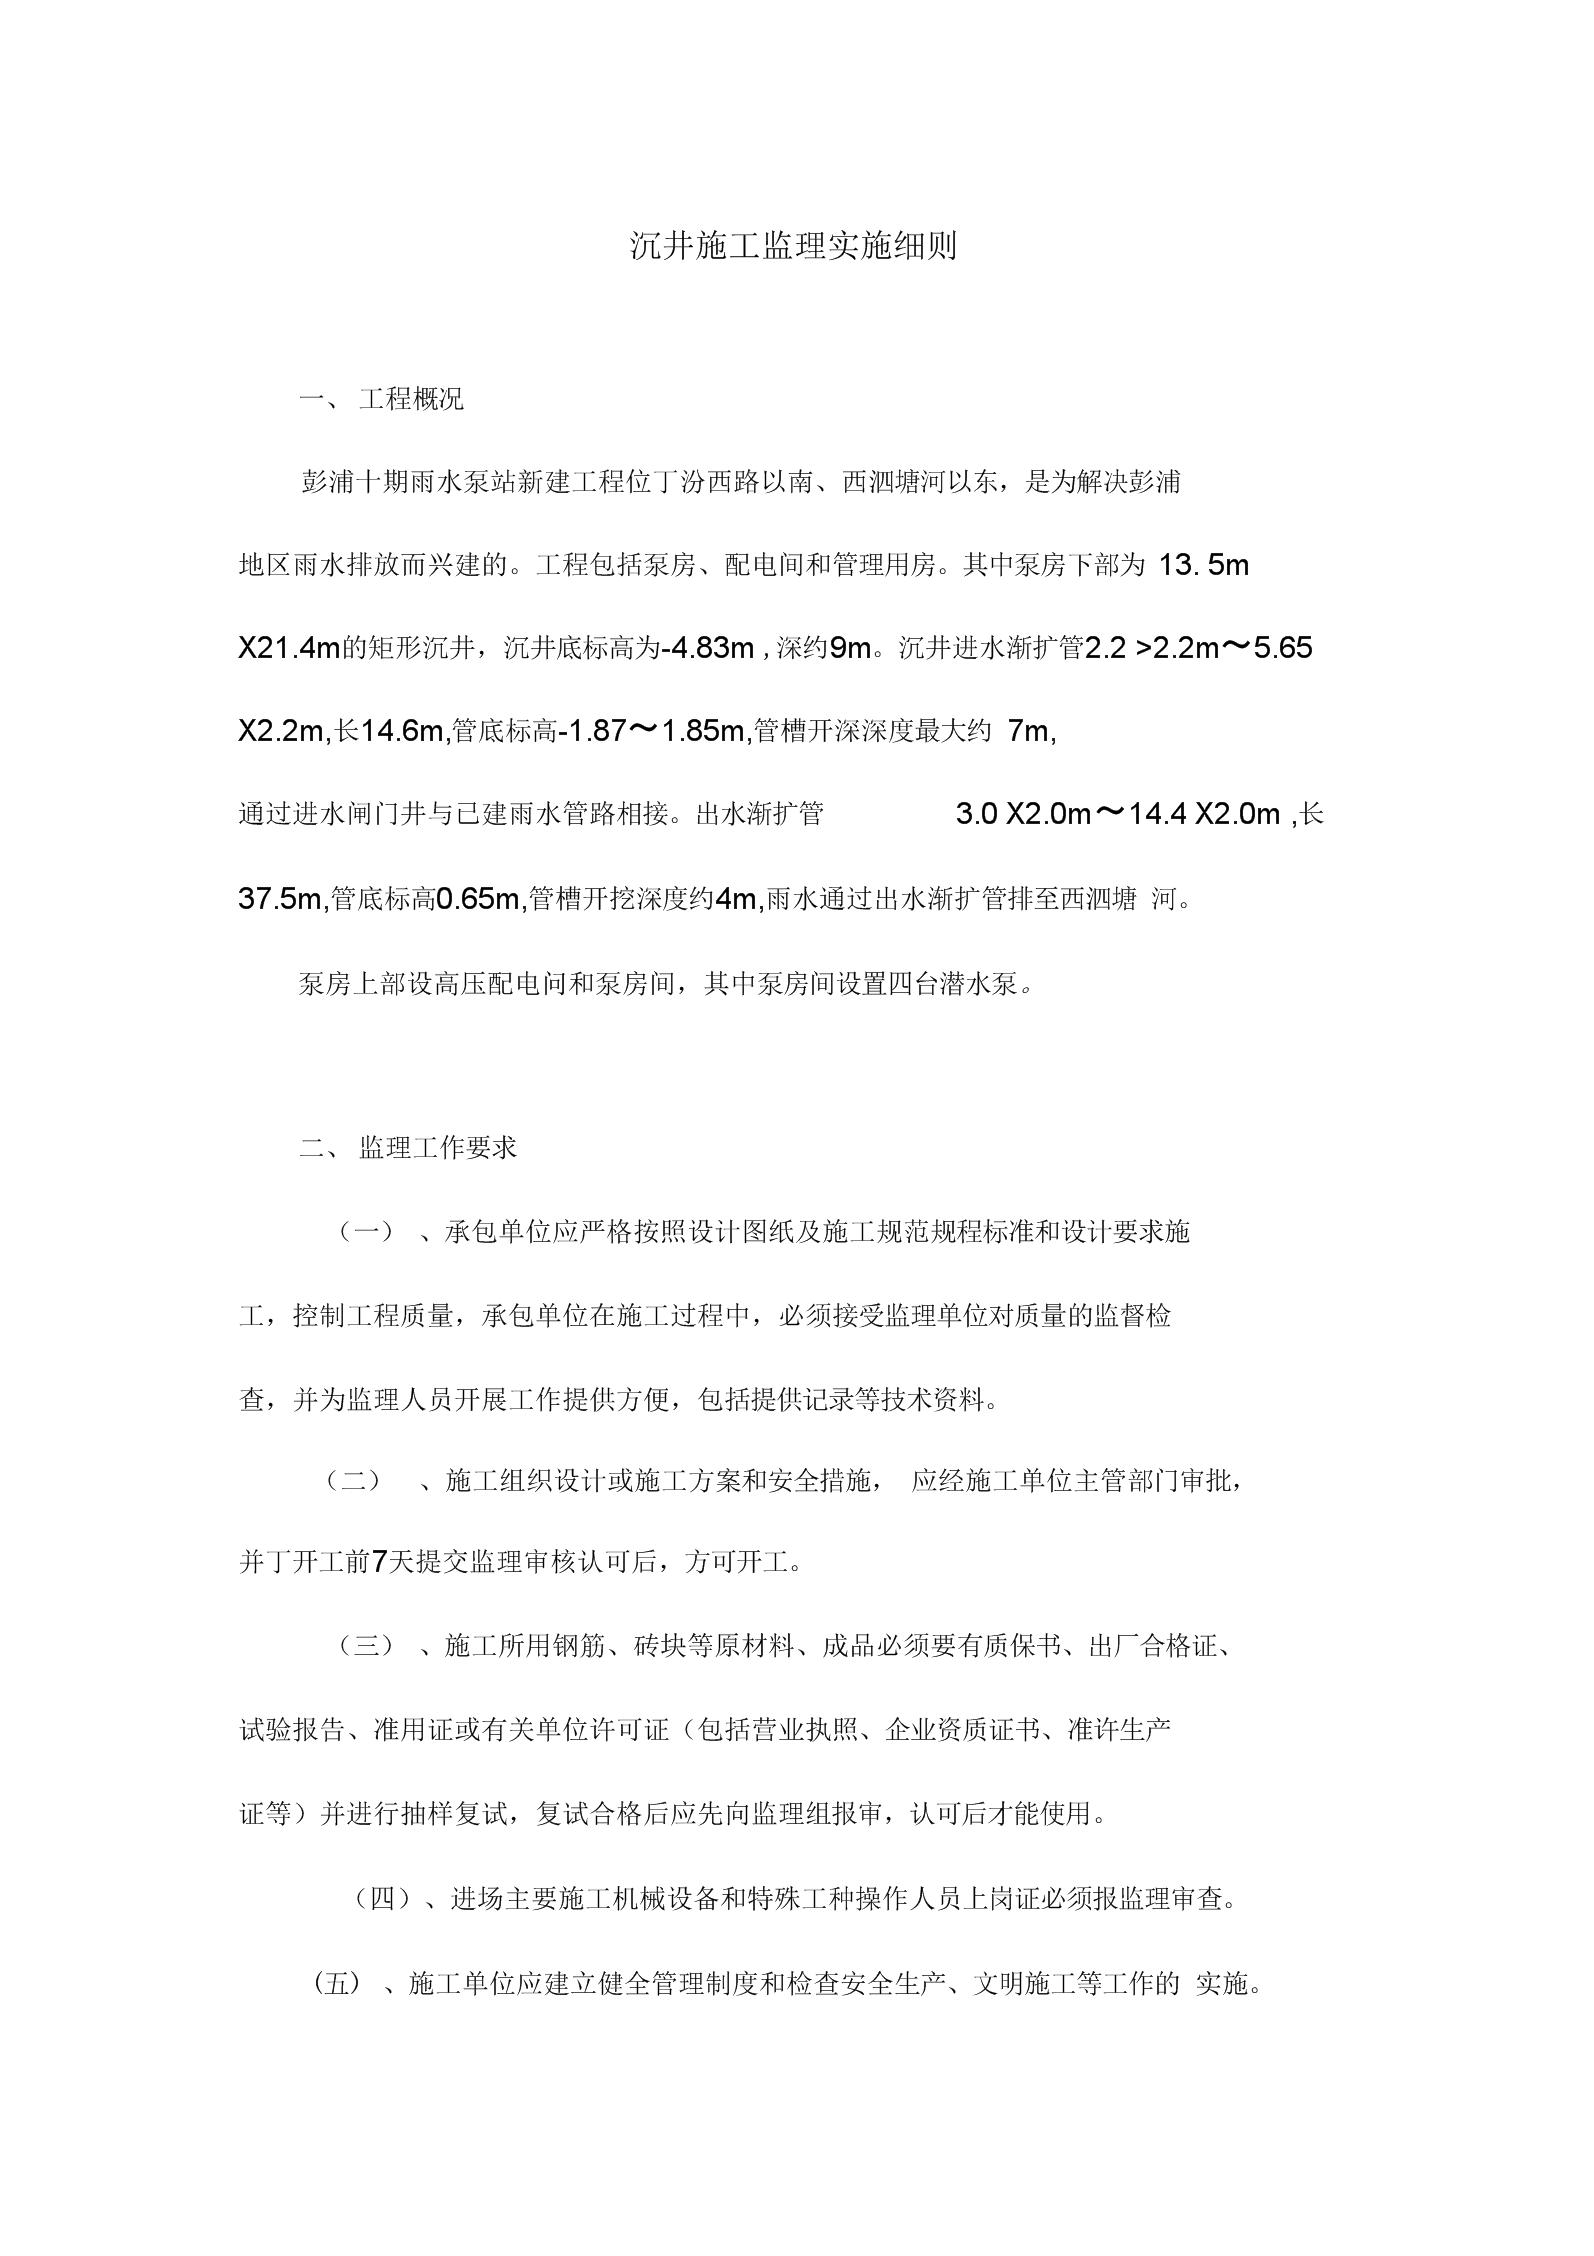 《沉井监理实施细则》.docx